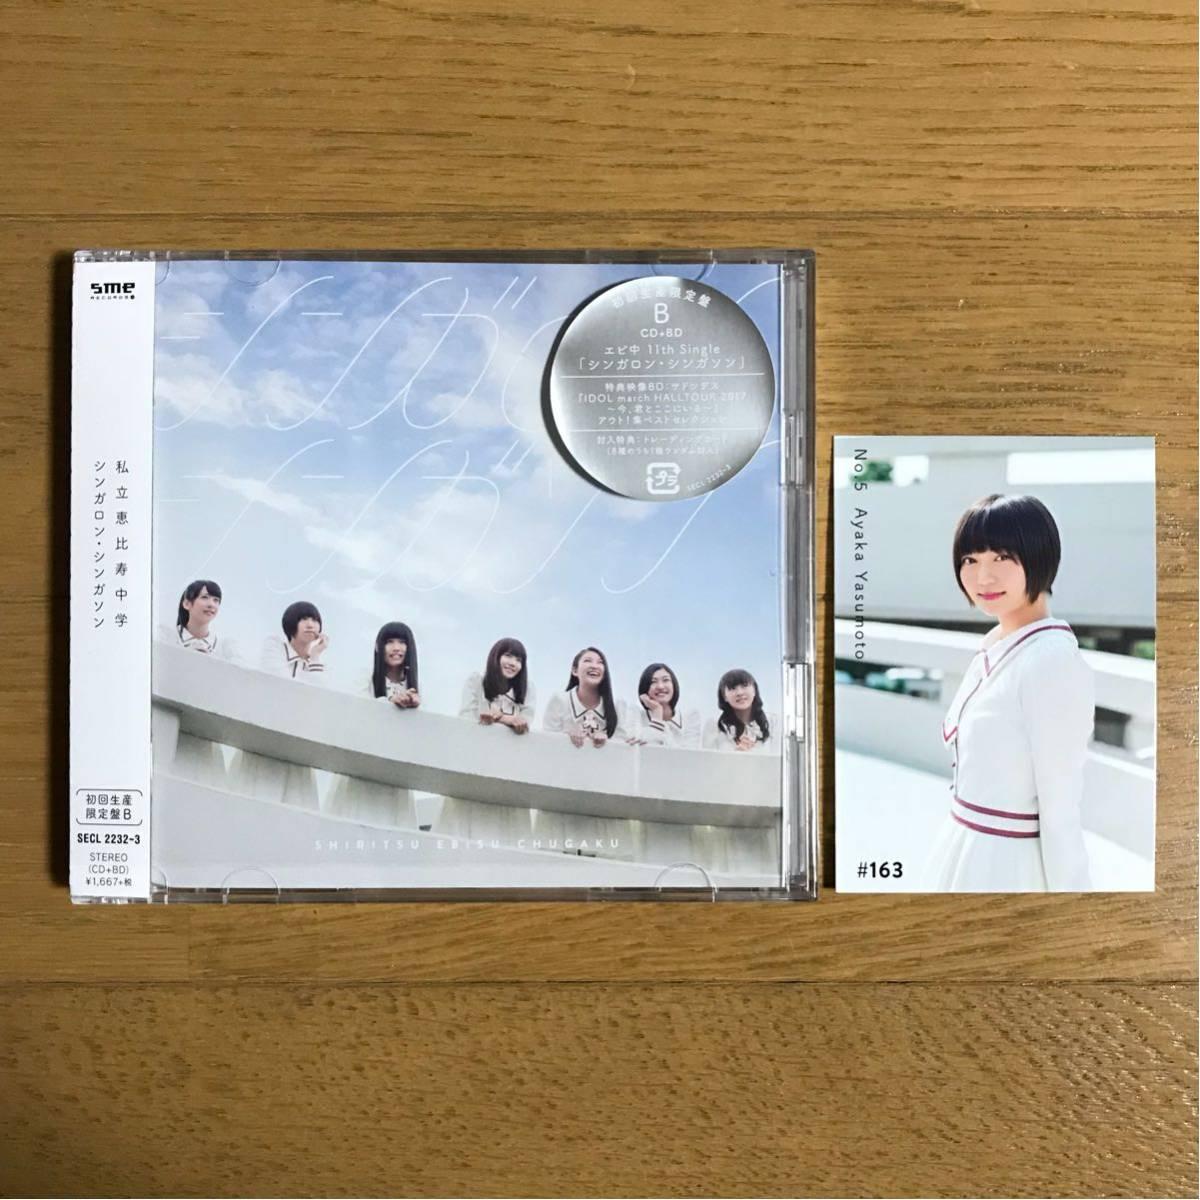 私立恵比寿中学 シンガロン・シンガソン 初回生産限定盤B CD+ Blu-ray 安本彩花 トレカ エビ中 Mrs. GREEN APPLE